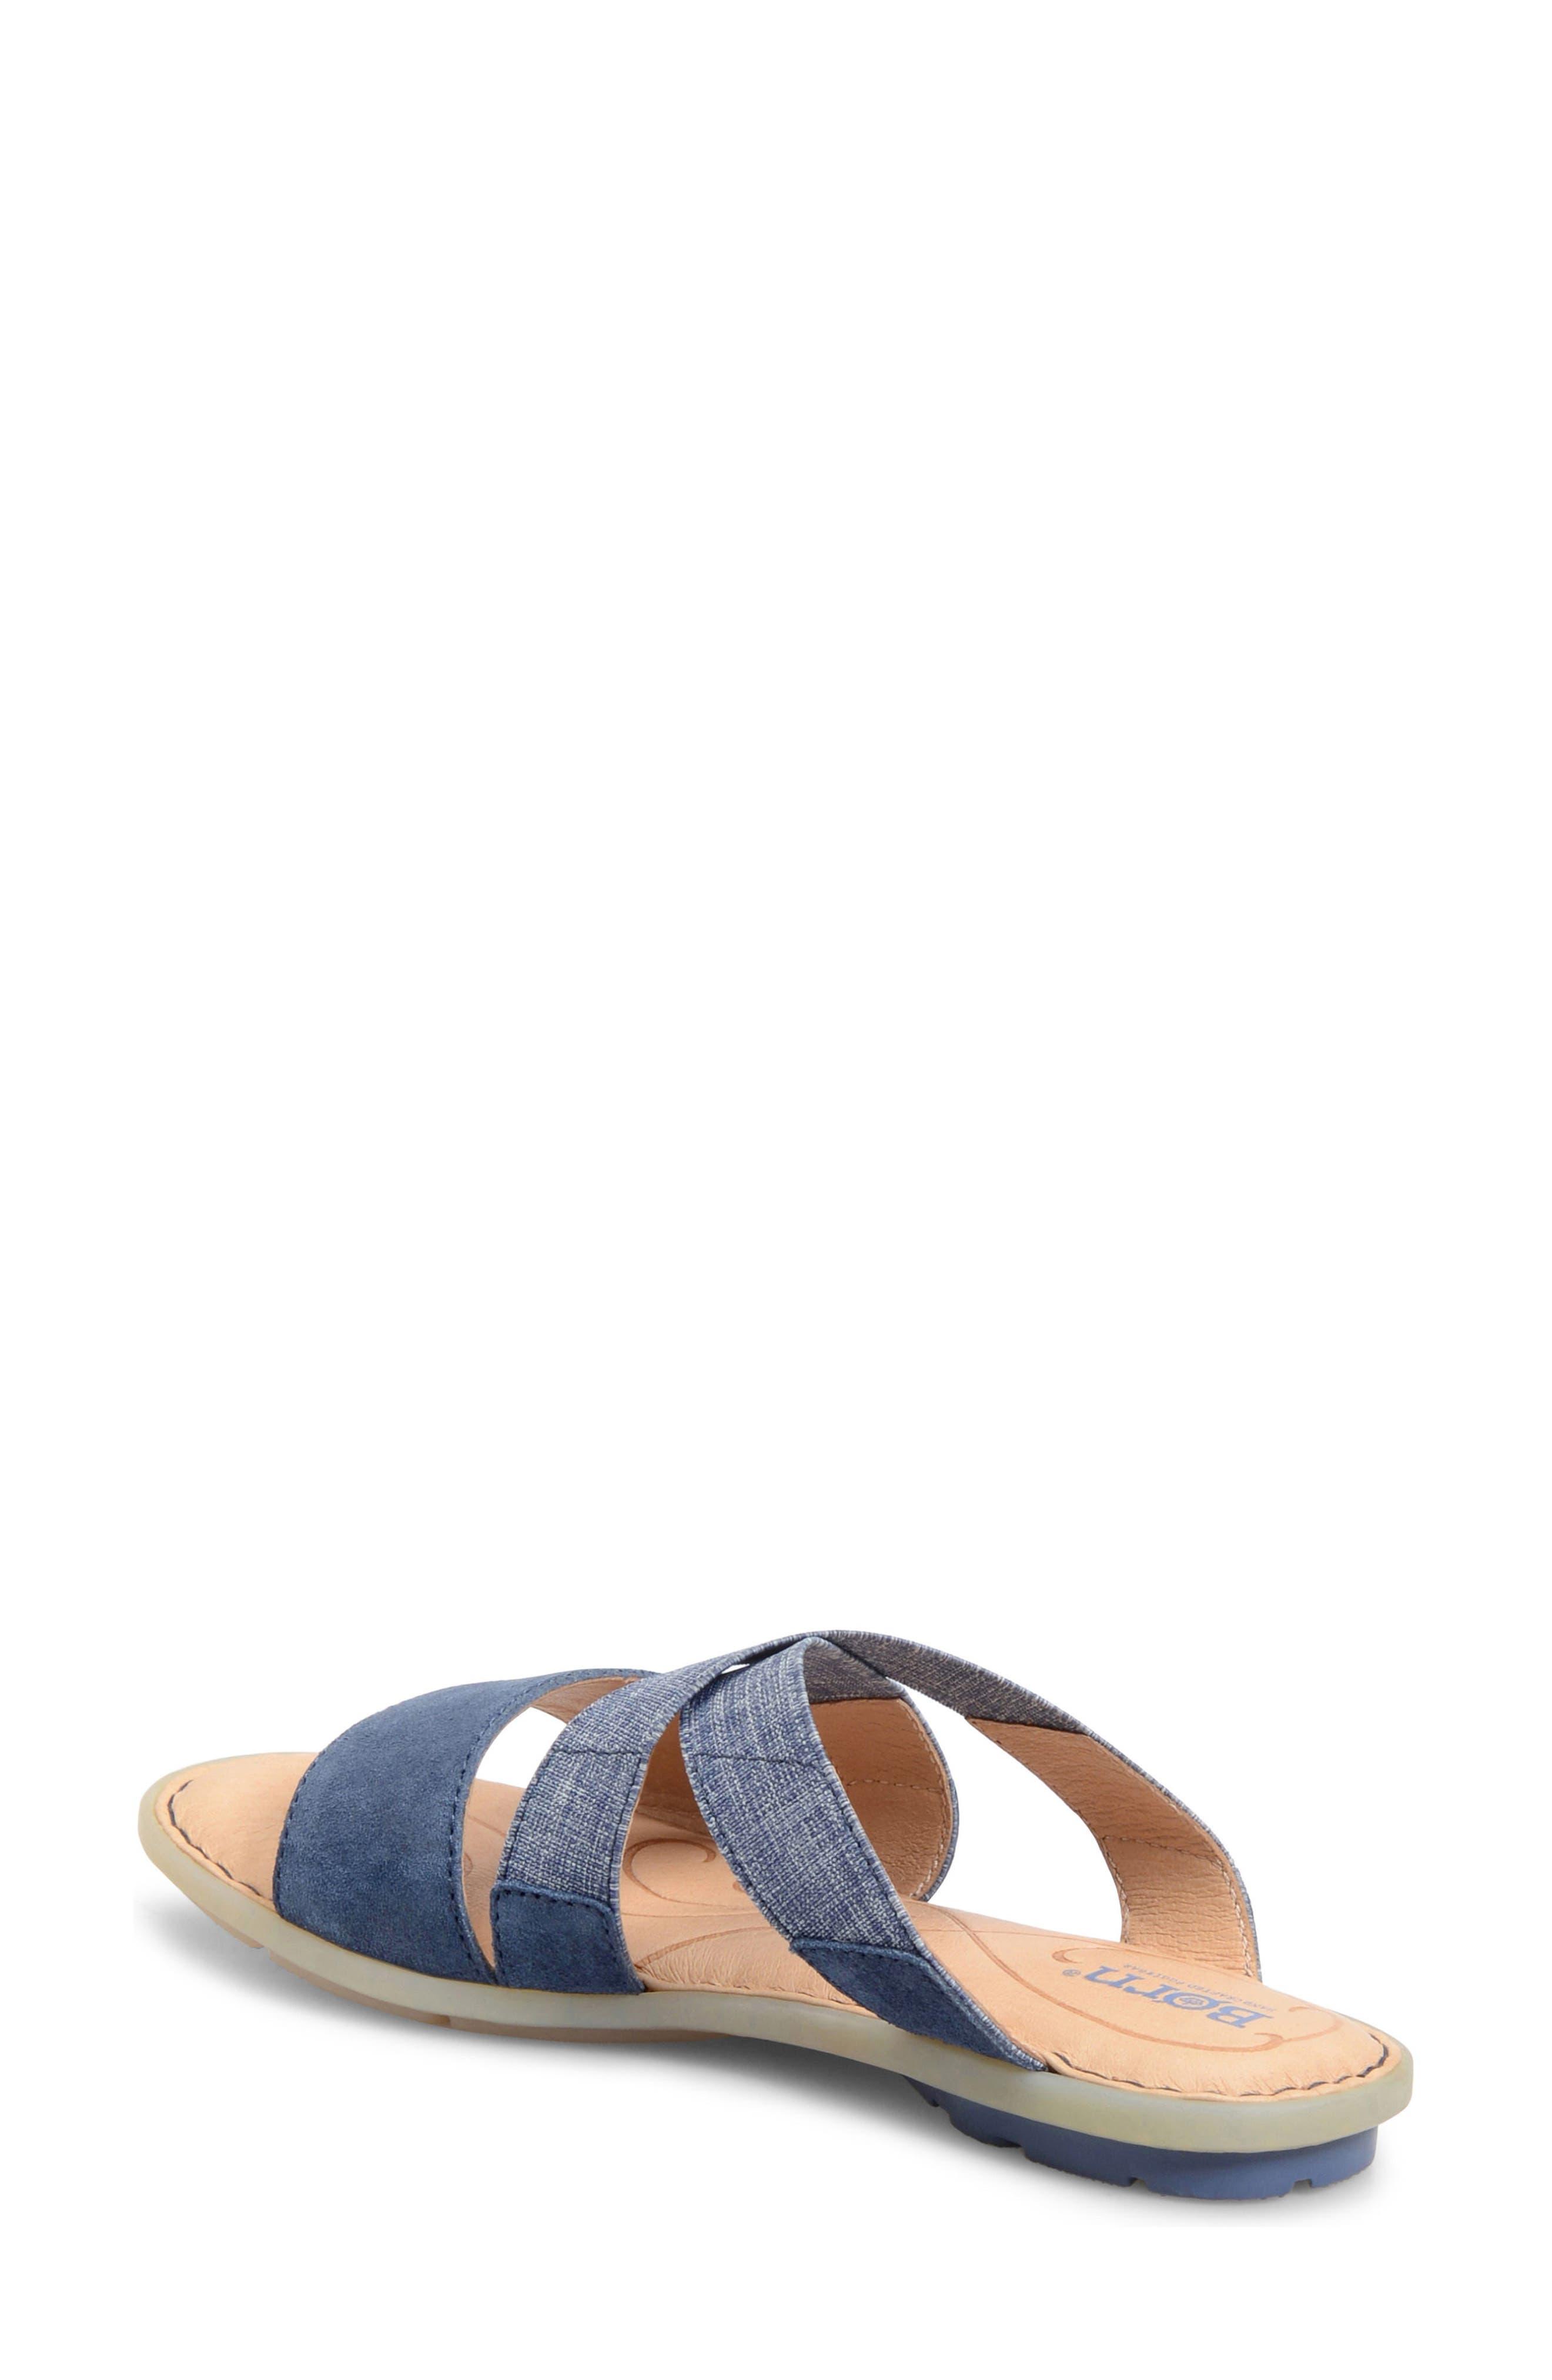 Tidore Slide Sandal,                             Alternate thumbnail 8, color,